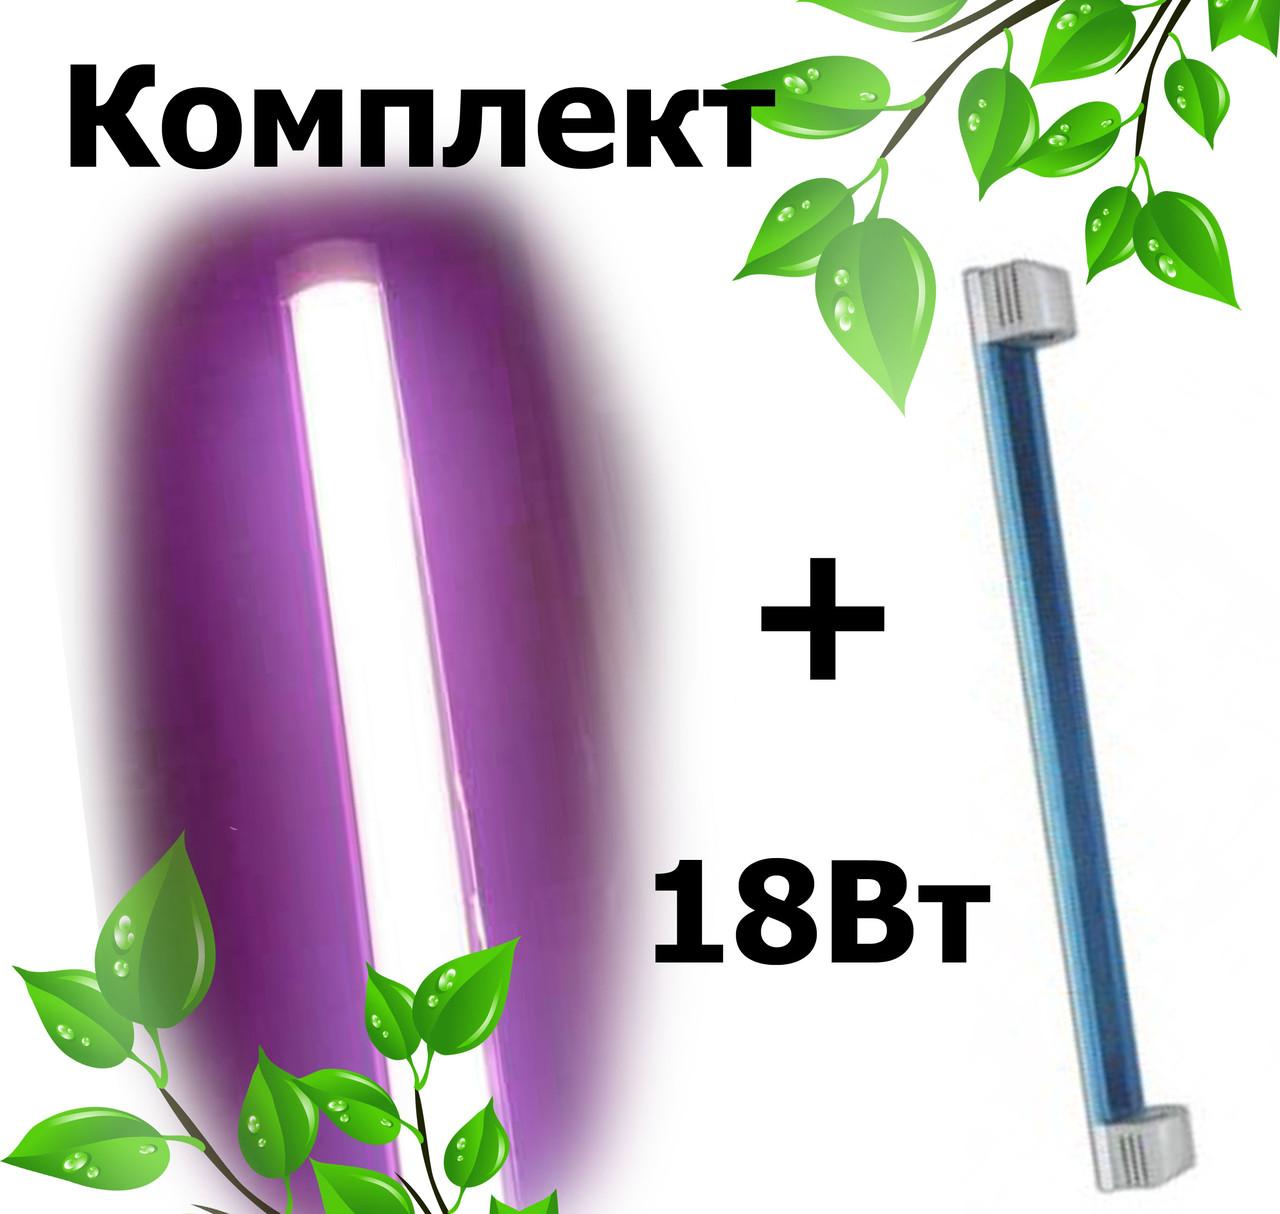 """Комплект Лампа для растений Osram FLUORA 18W T8 + светильник - Интернет магазин освещения """"On-Light"""" в Днепре"""